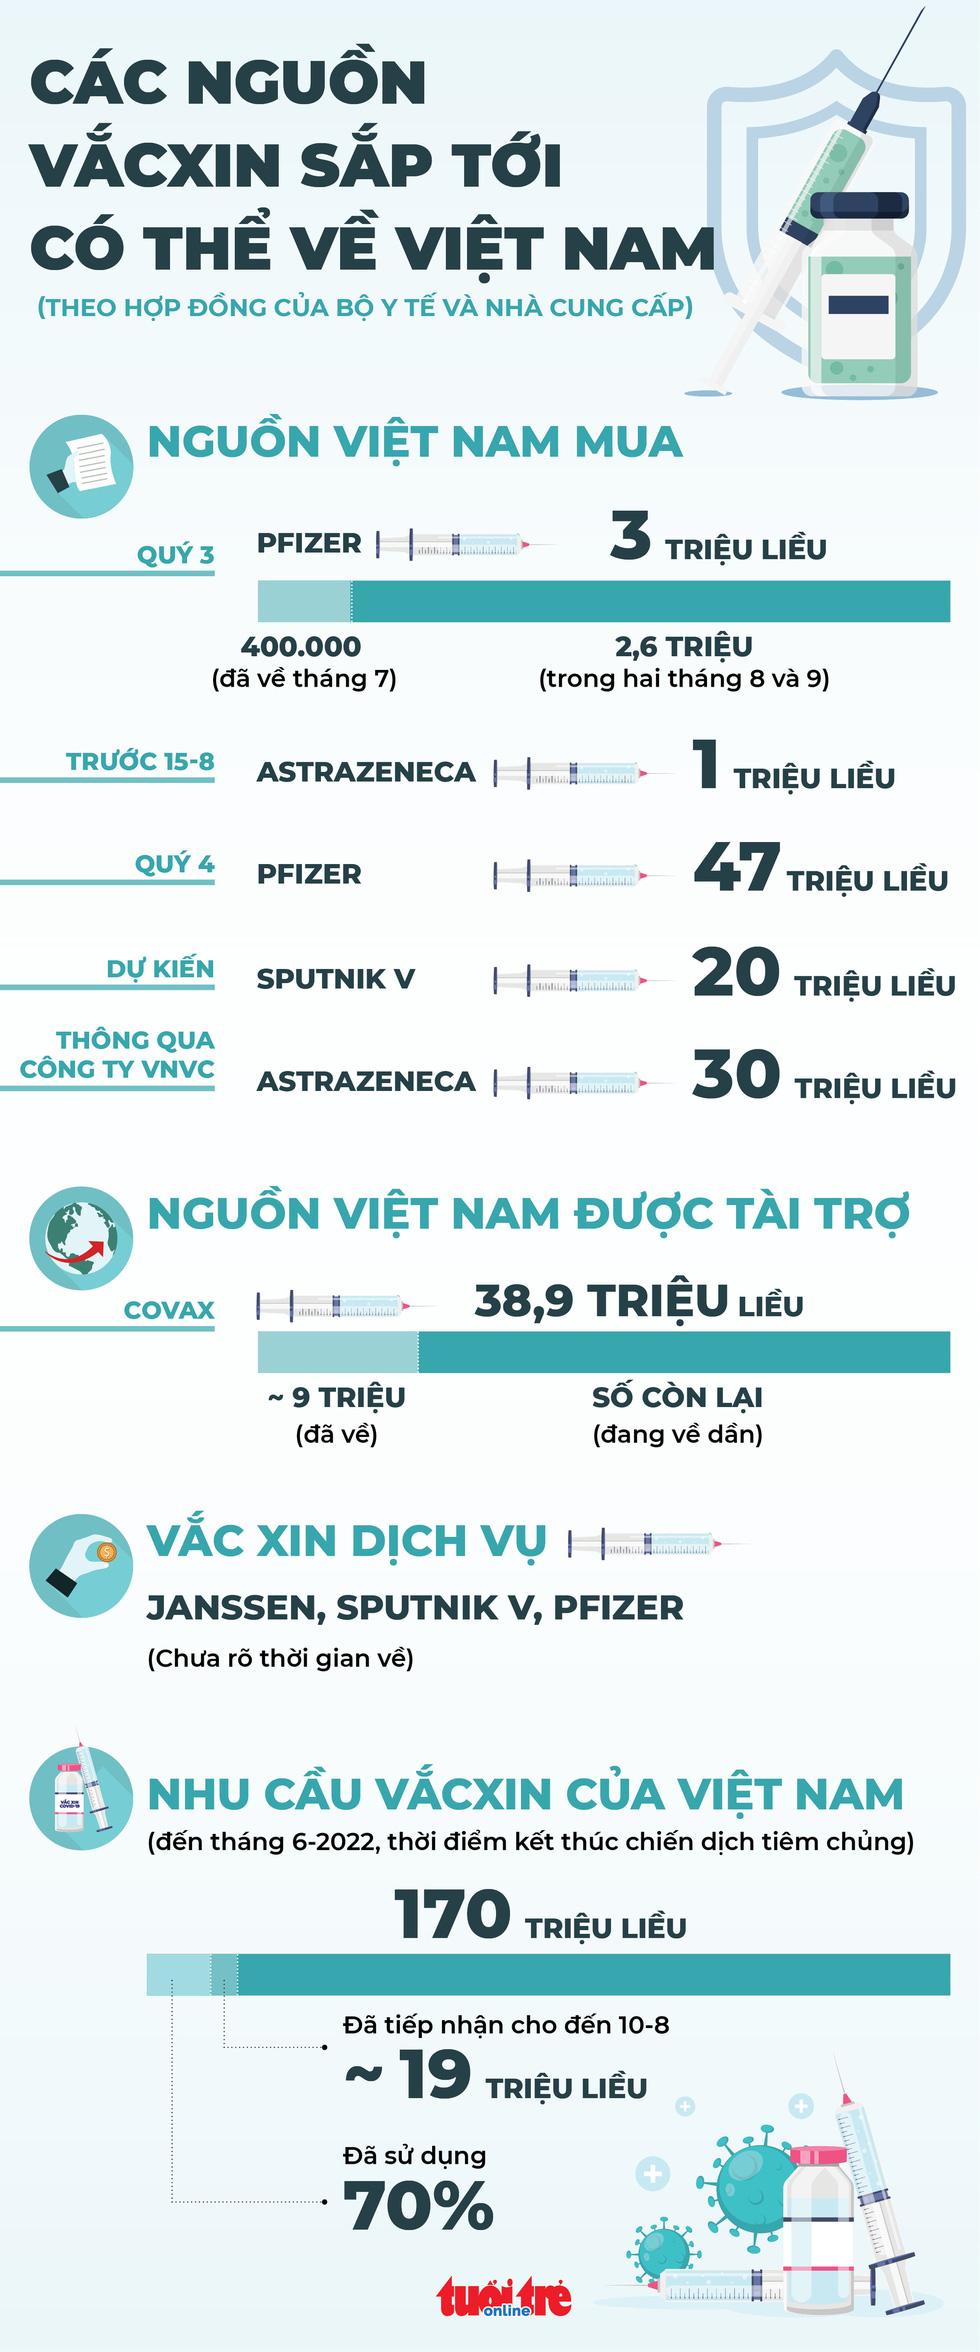 Sắp tới có bao nhiêu vắc xin về Việt Nam? - Ảnh 1.